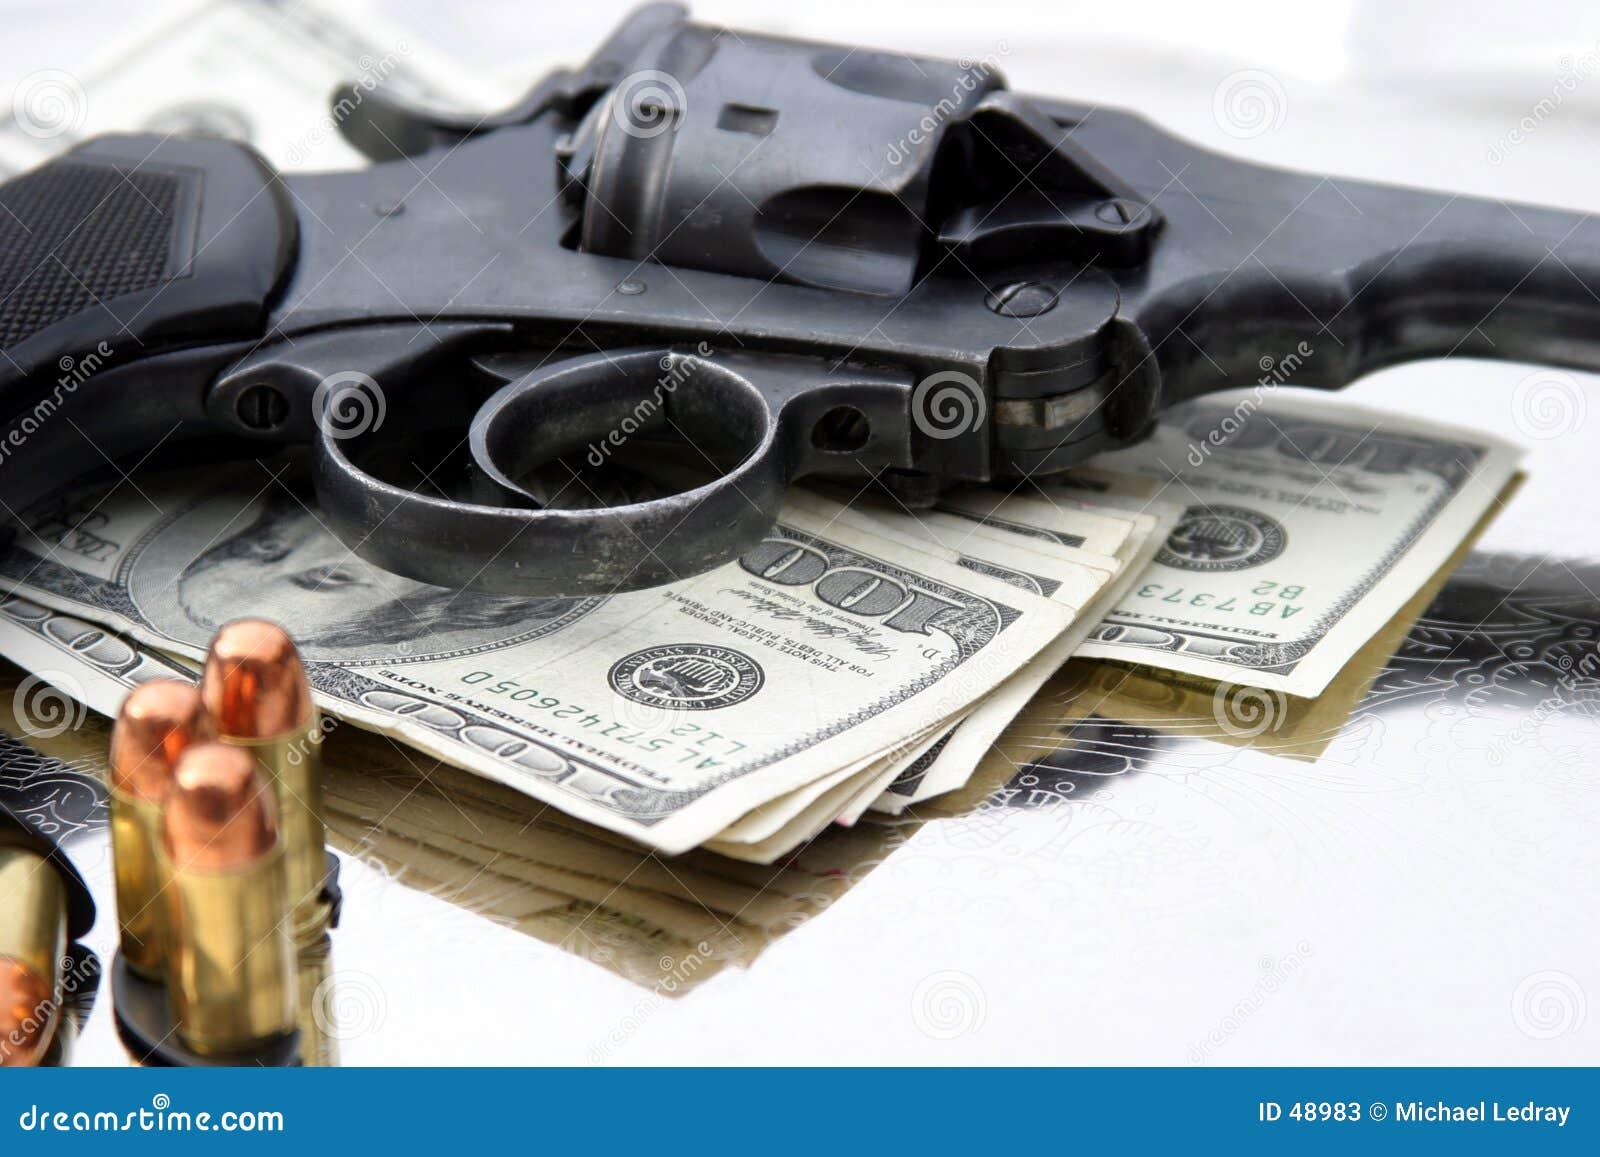 6 cale 45 pistolet